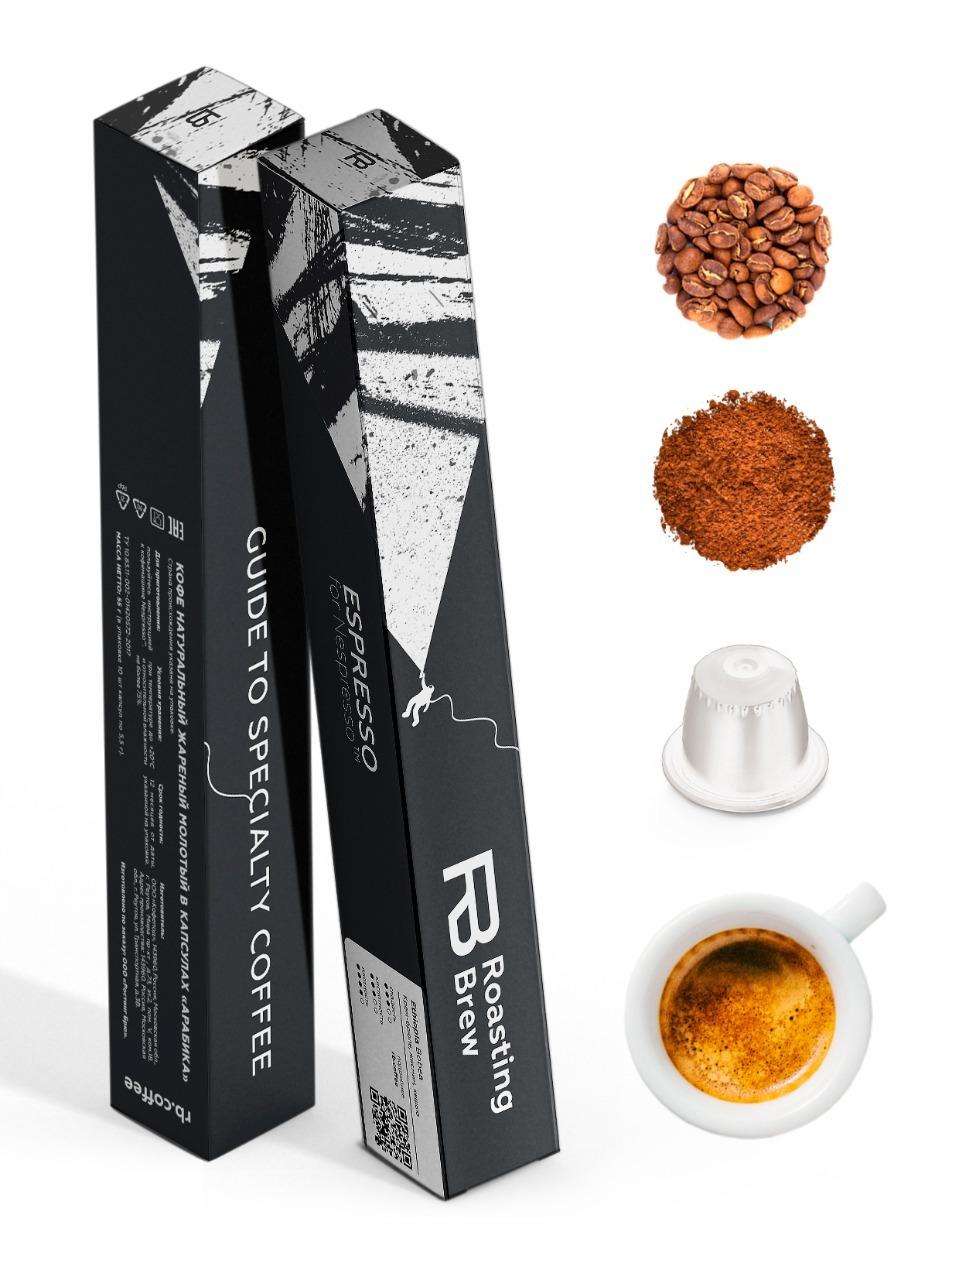 Кофе натуральный жареный молотый в капсулах